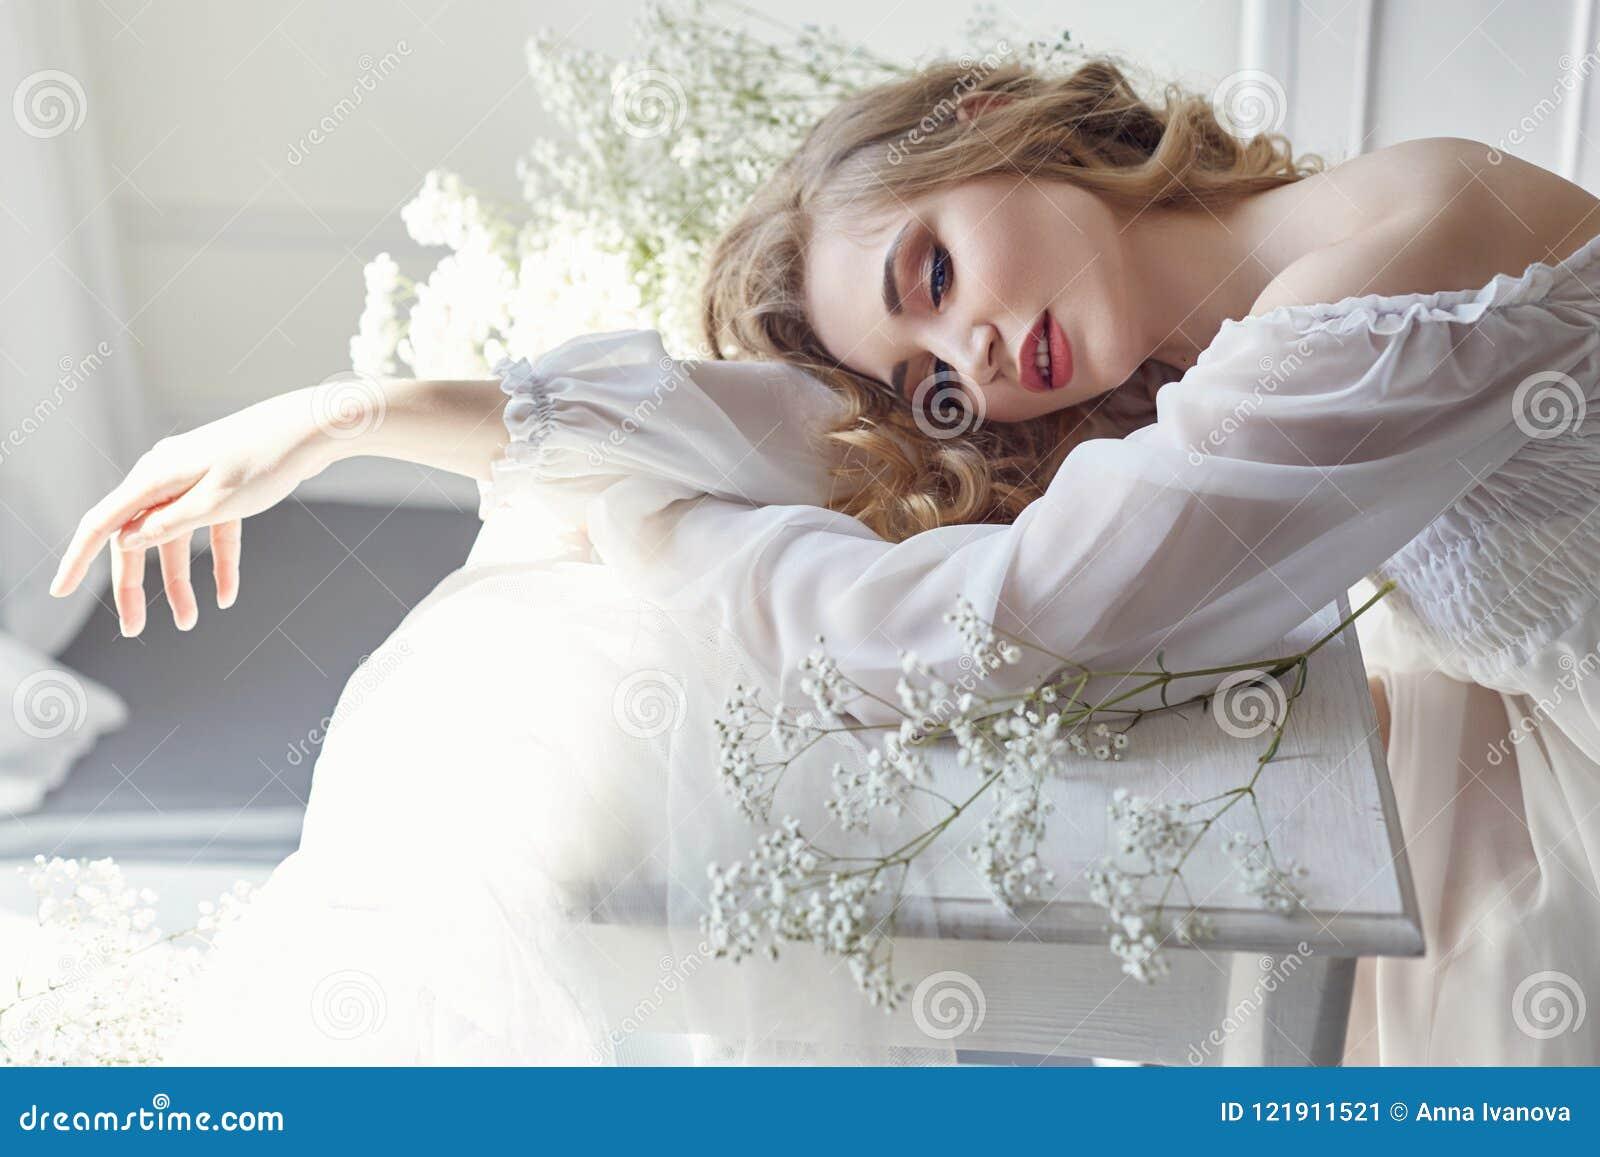 Vestido de la luz blanca de la muchacha y pelo rizado, retrato de la mujer con las flores en casa cerca de la ventana, pureza e i